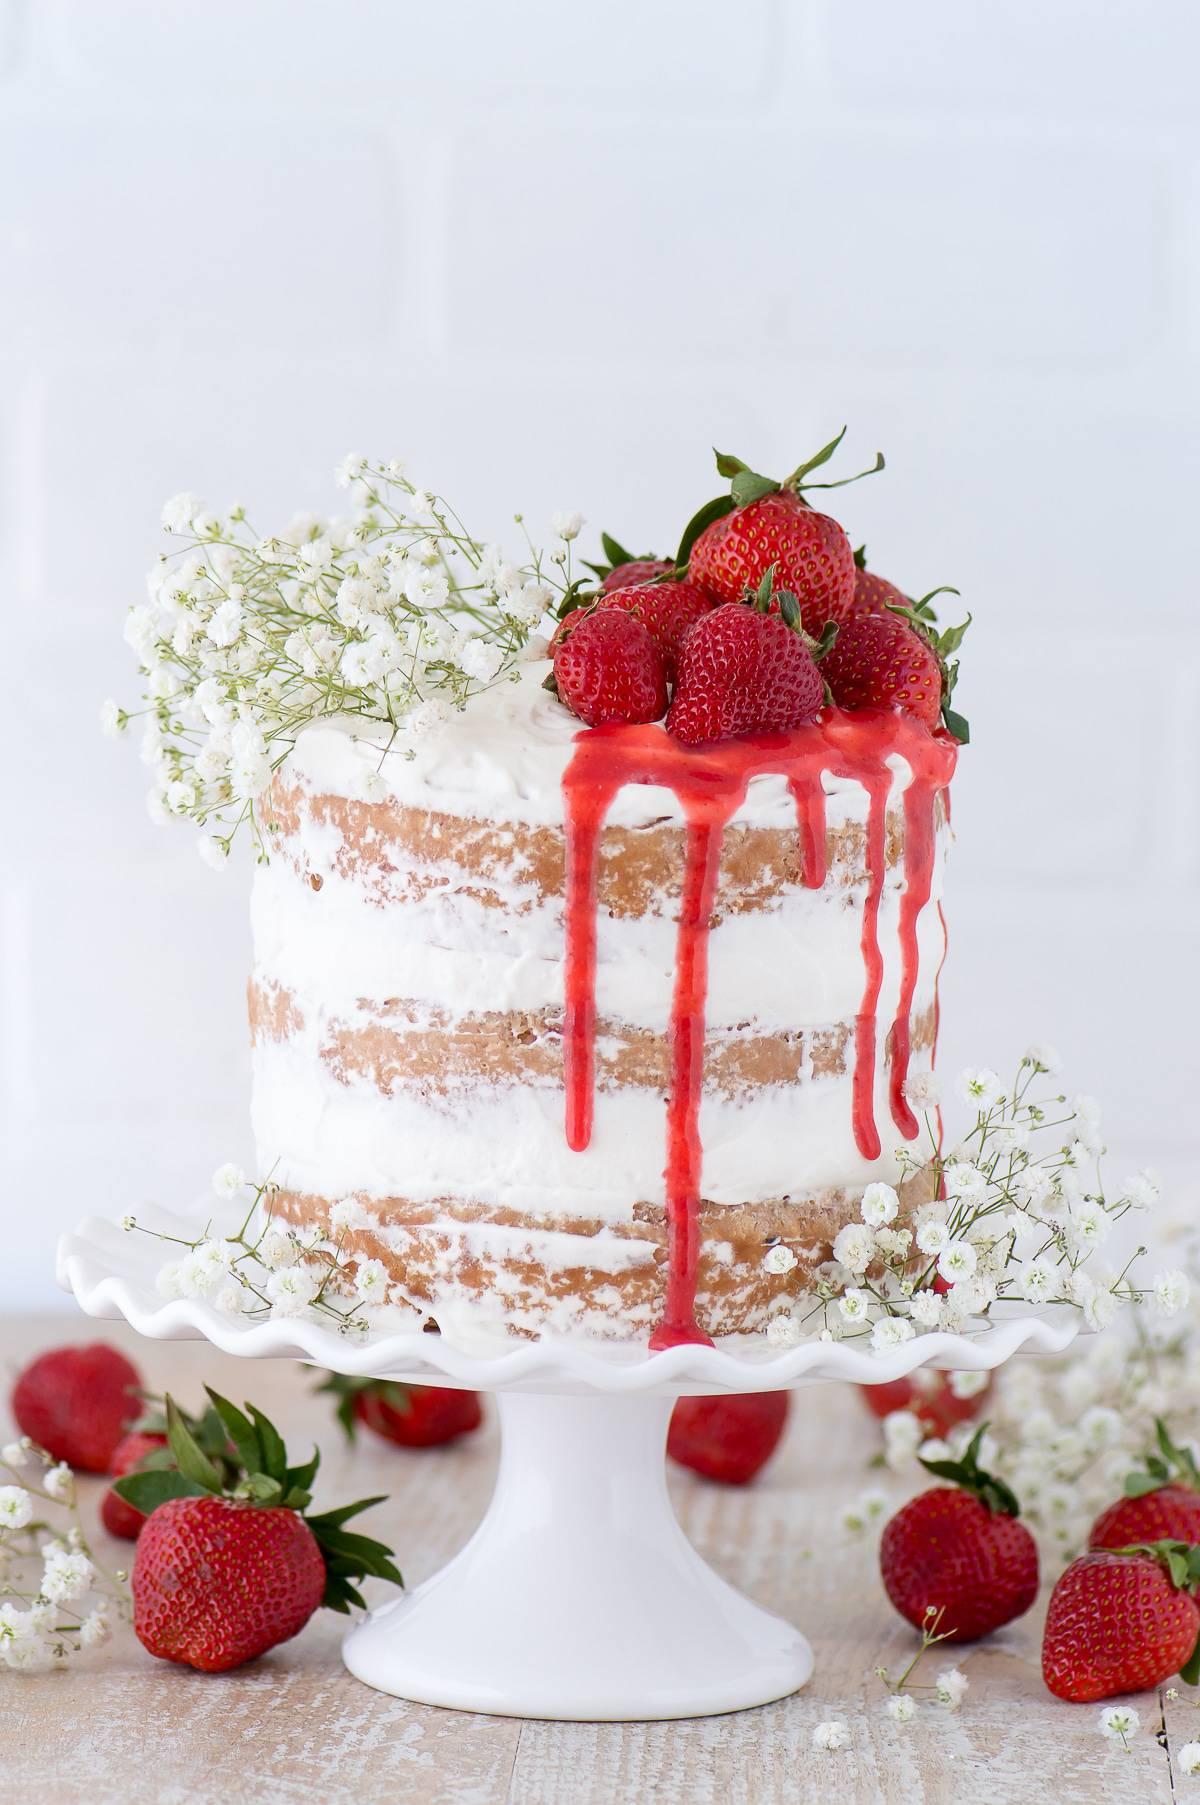 Strawberries and Cream Naked Cake